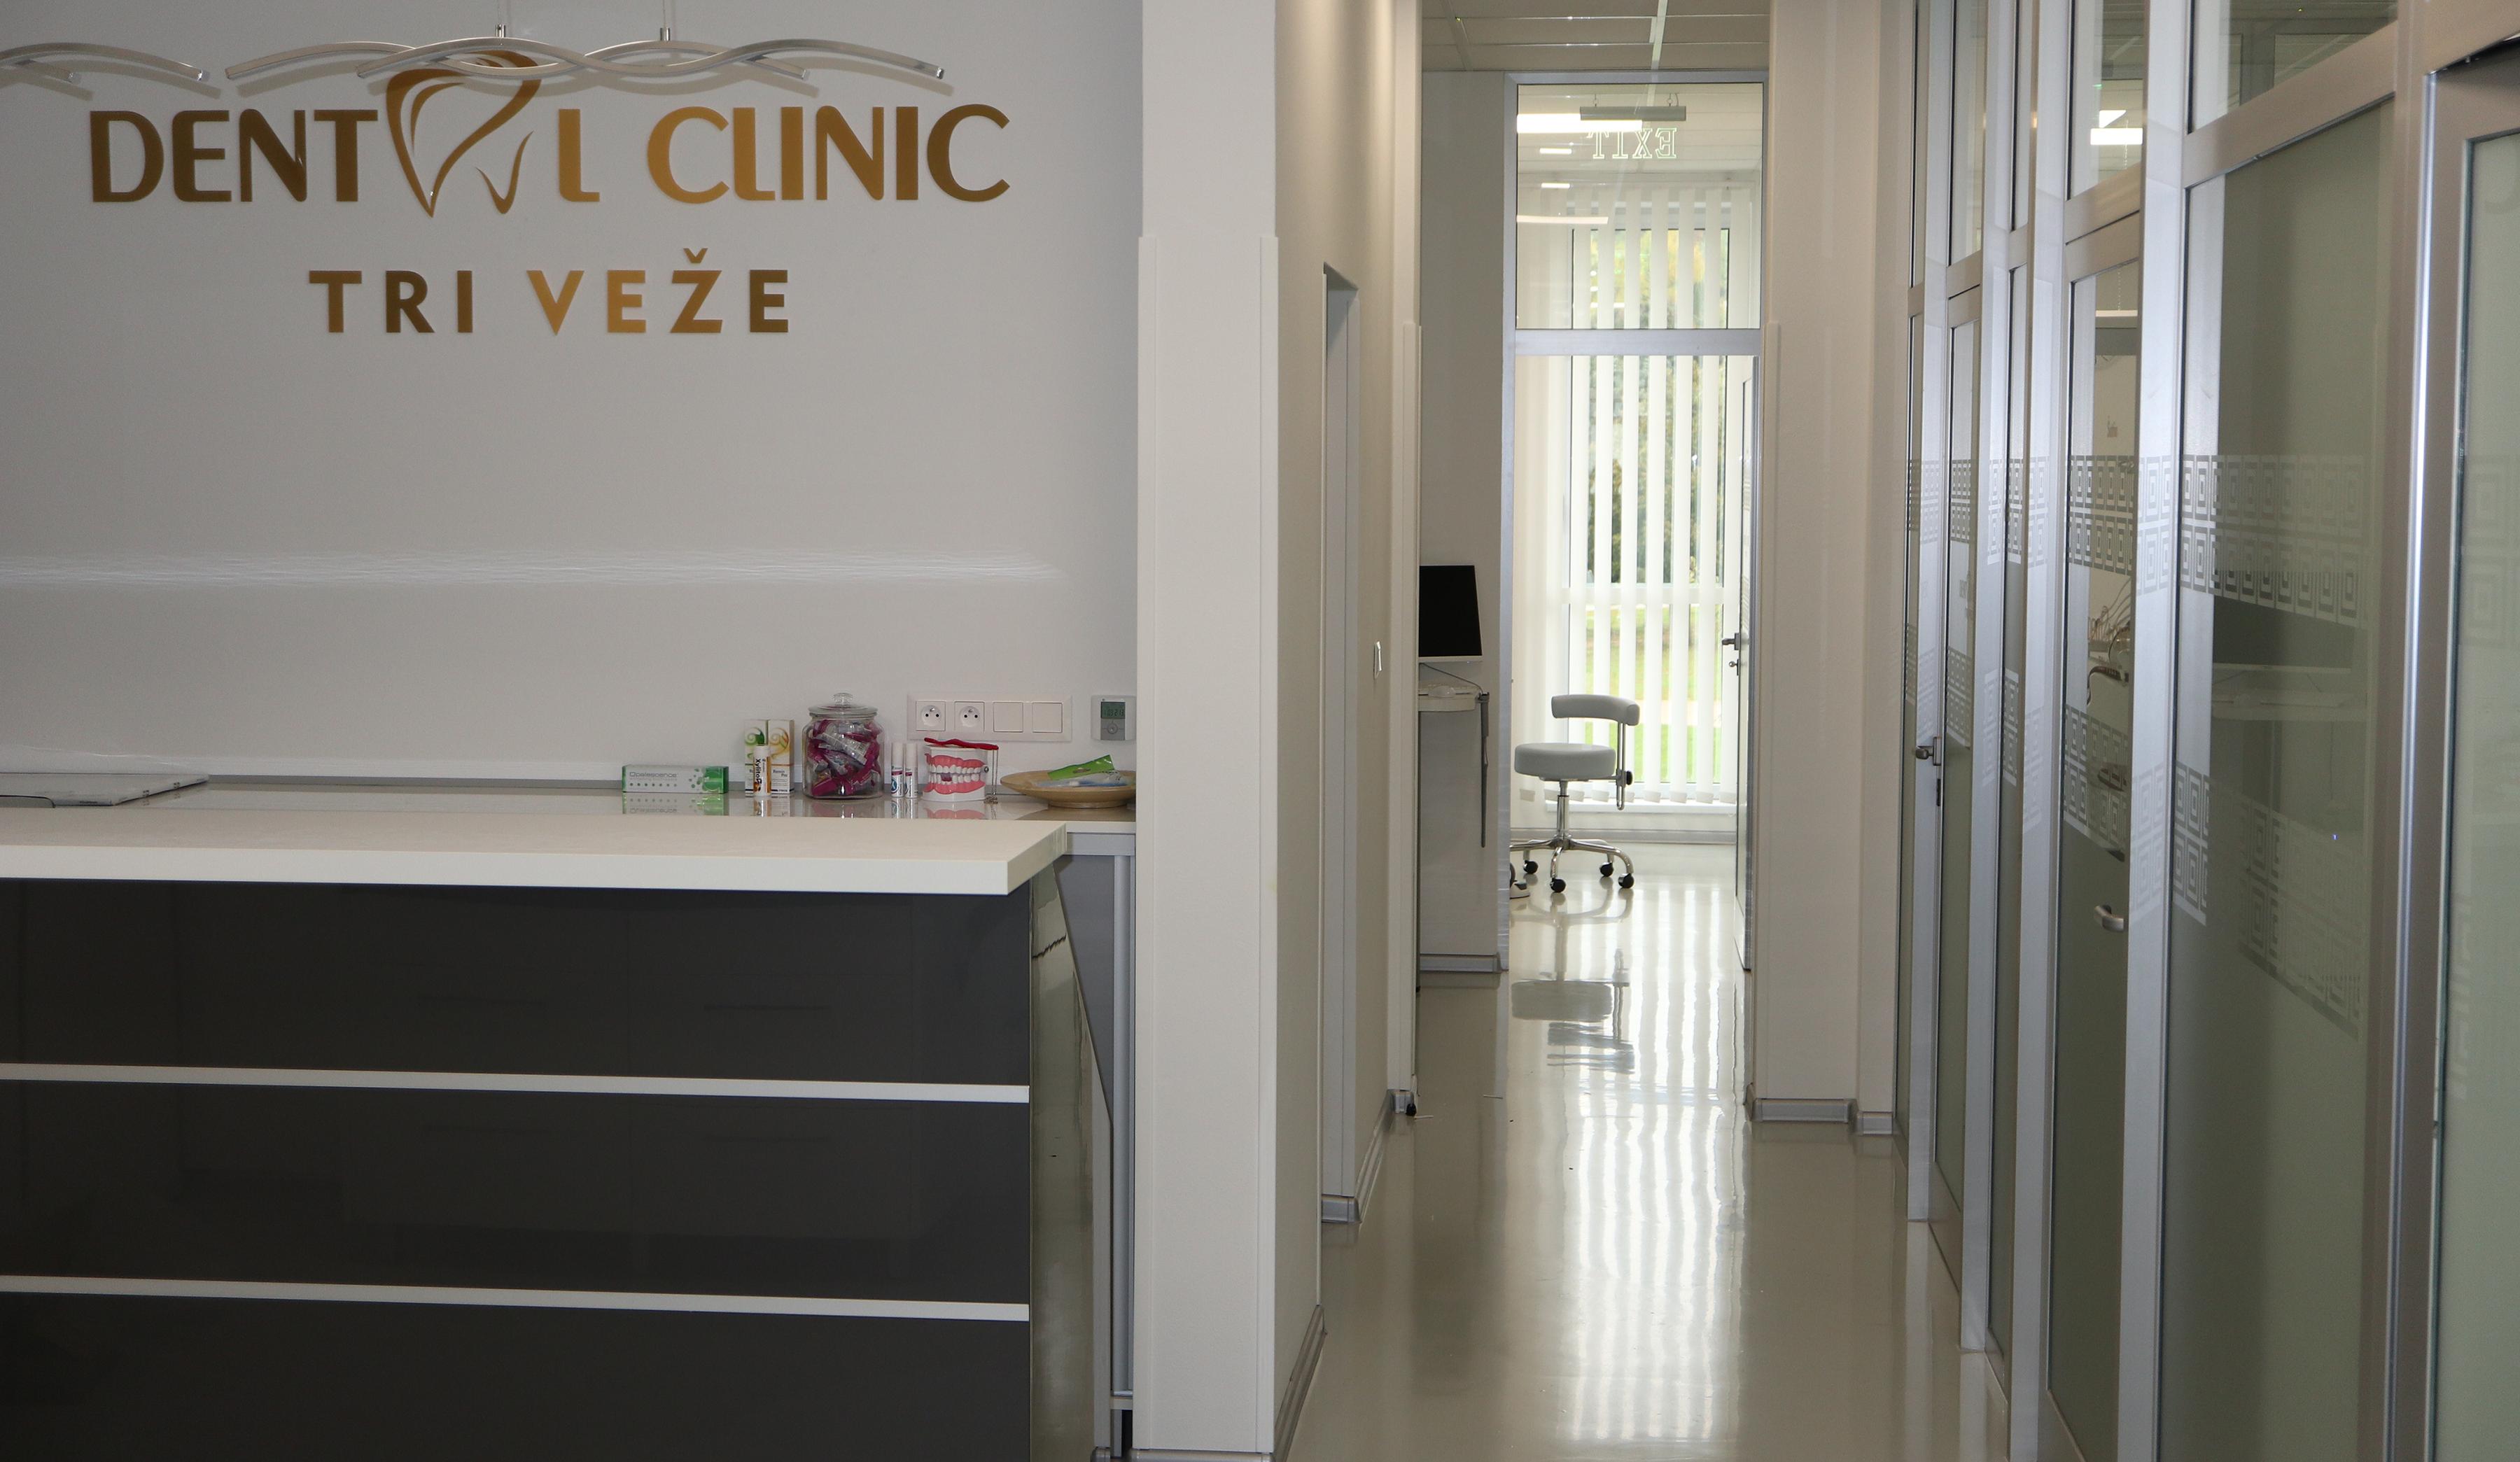 recepcia denálna klinika